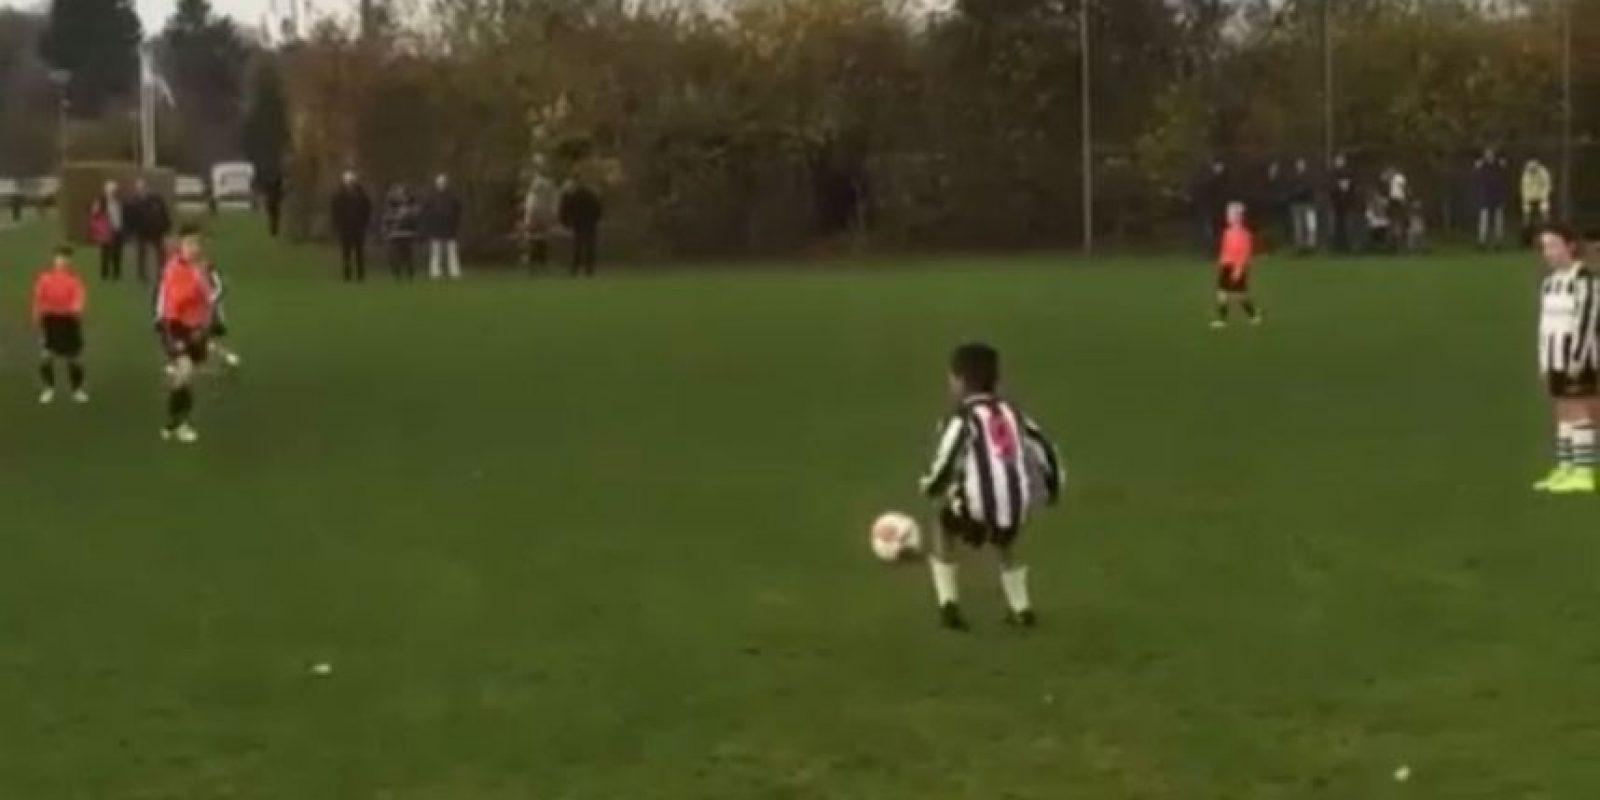 Con apenas siete años, el hijo del ex futbolista del Barcelona cuenta con una gran calidad Foto:Vine: Kholud